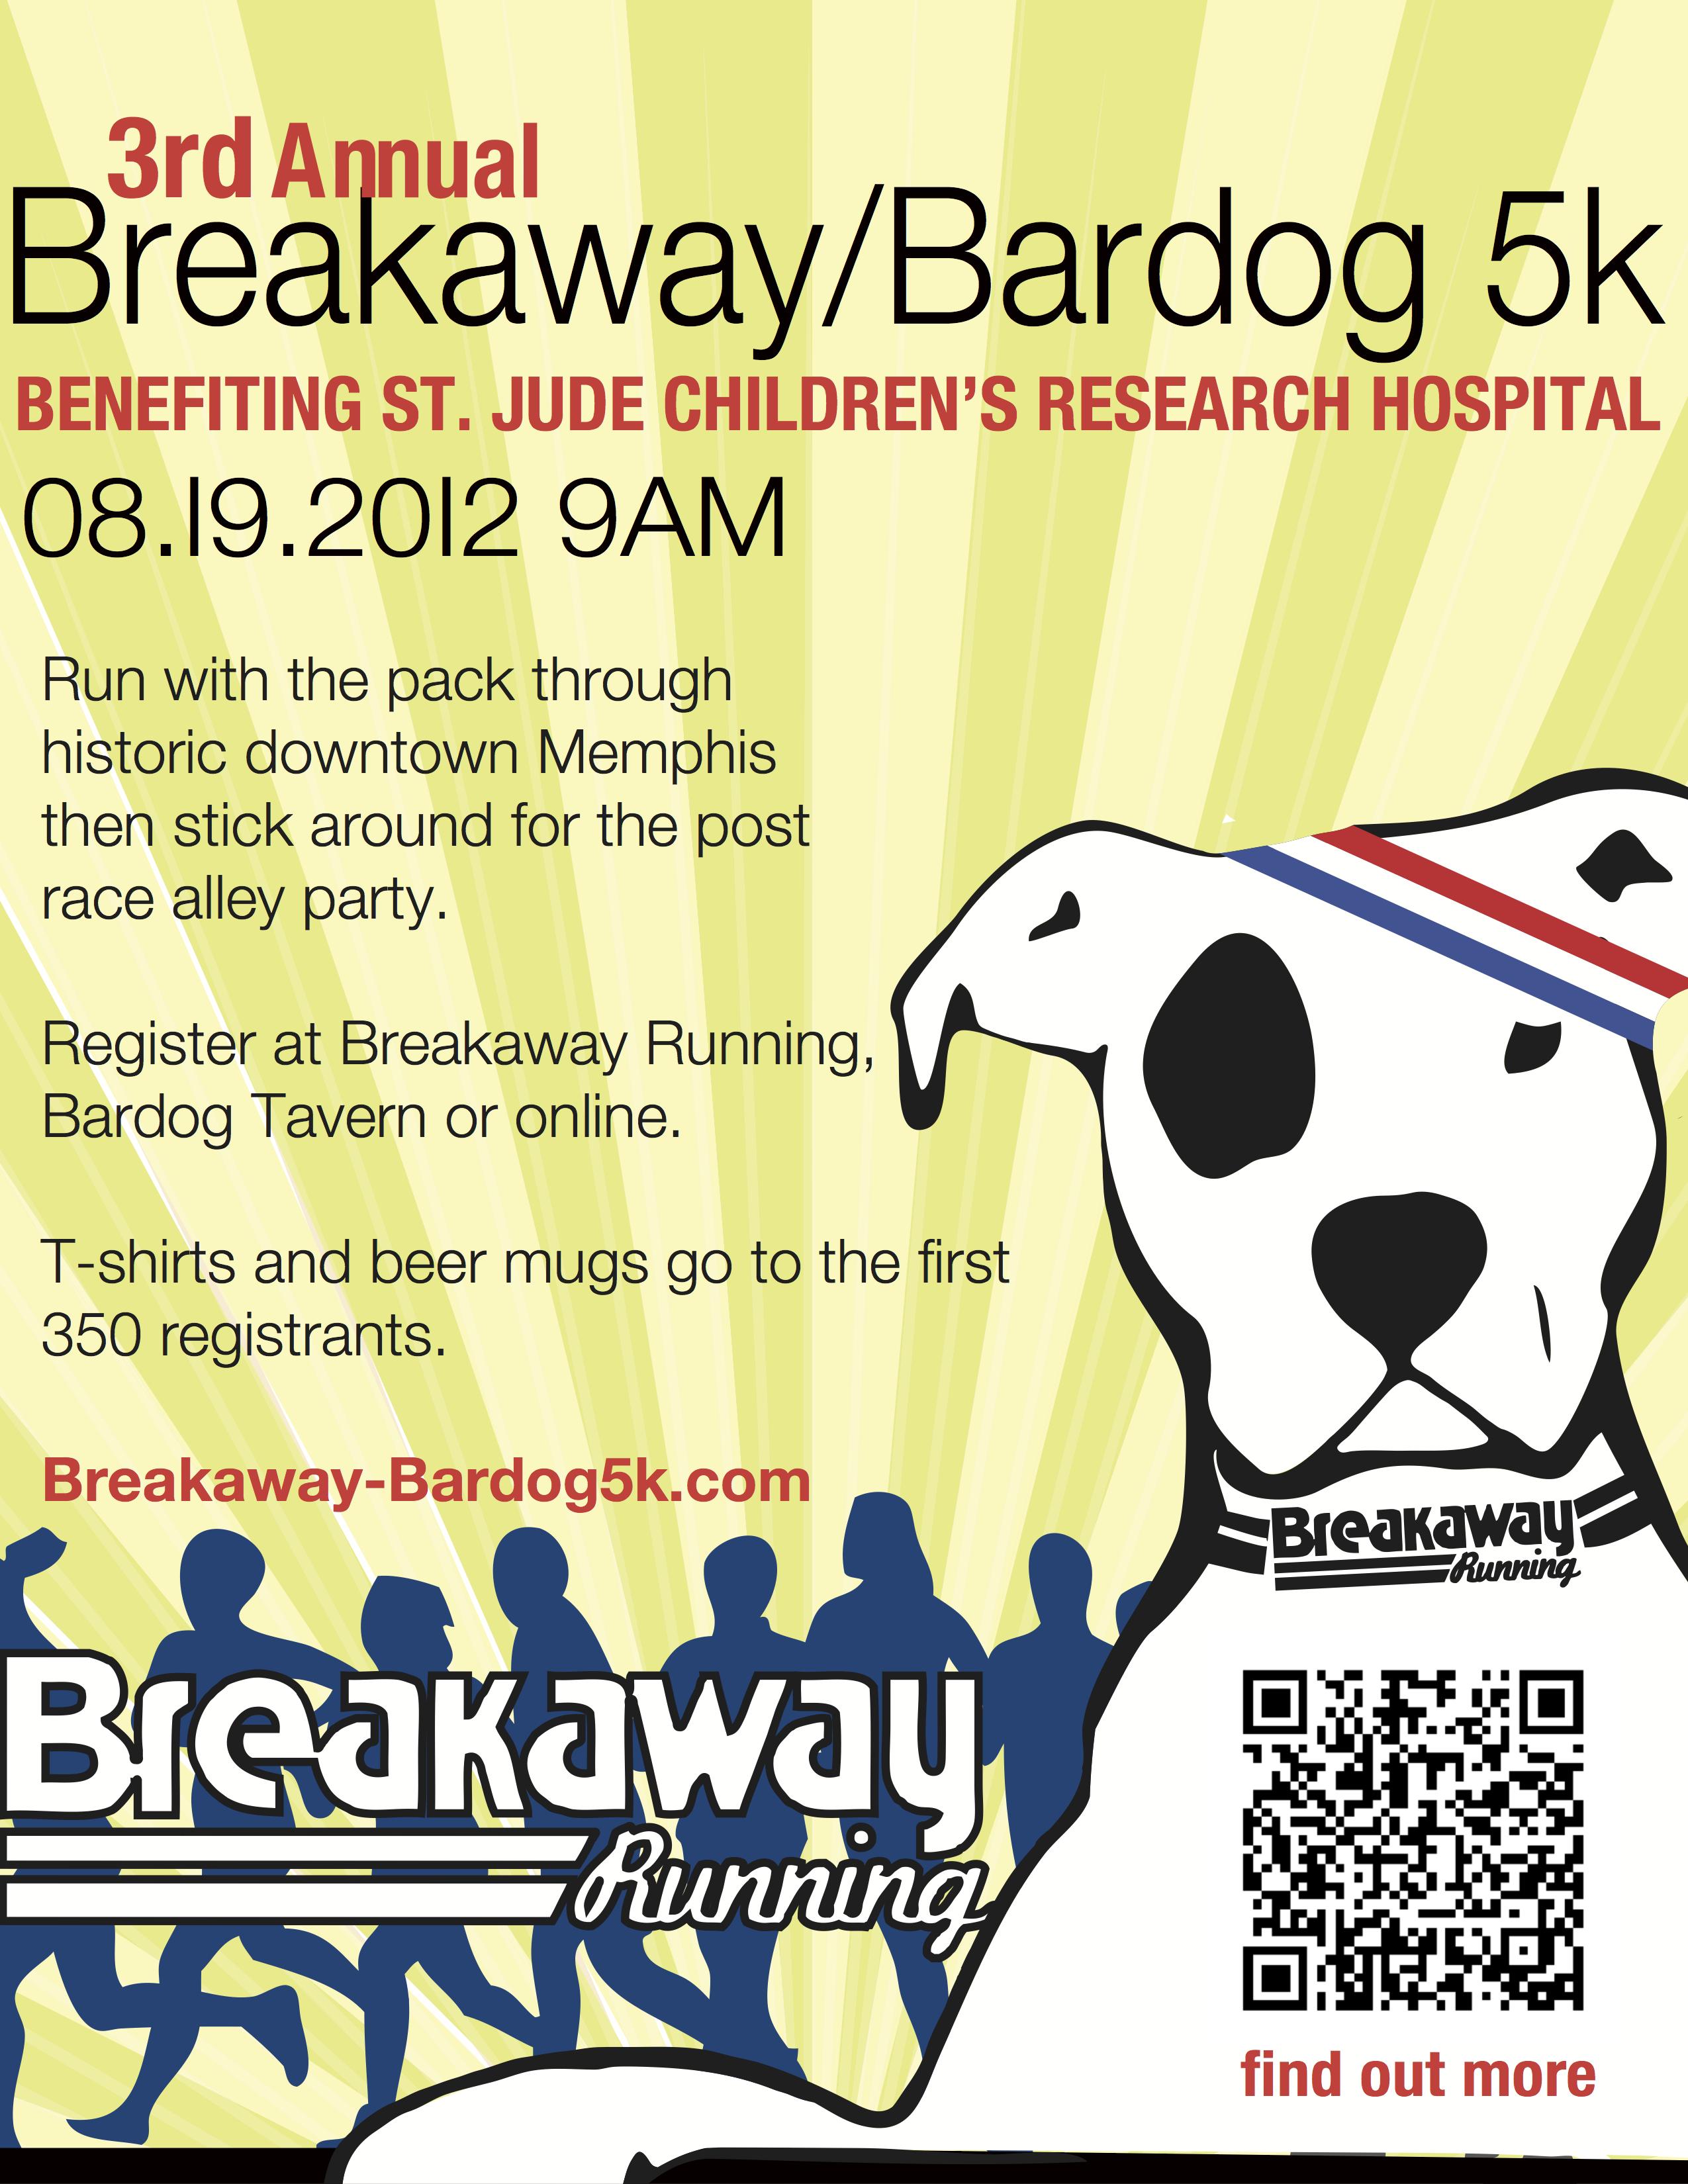 Breakaway Running | Breakaway-Bardog 5k